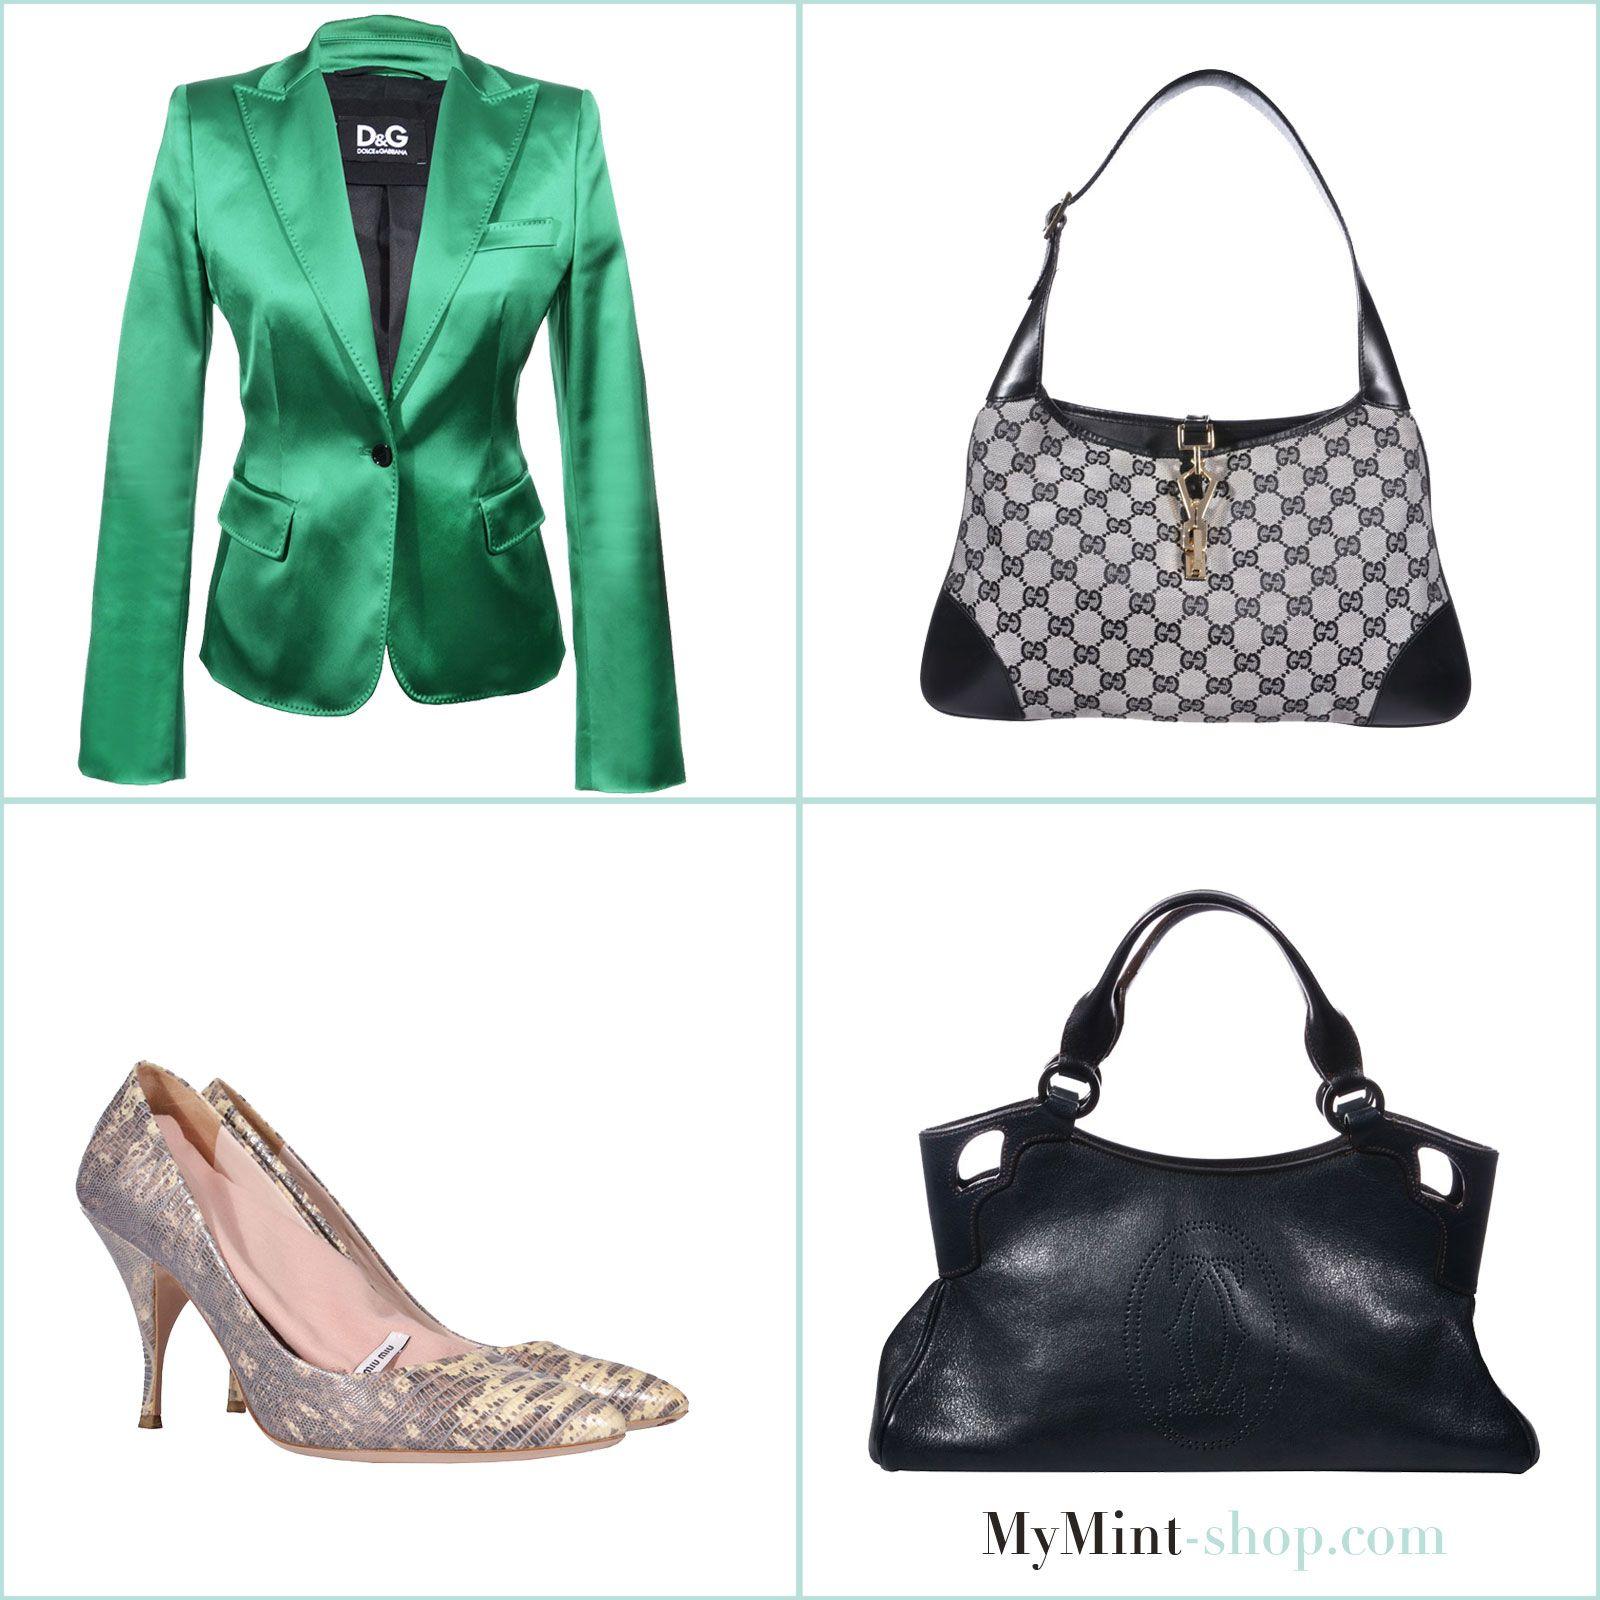 TUESDAY´S NEW ARRIVALS! Blazer: #DolceGabbana Tasche: #Gucci Pumps: #MiuMiu Tasche: #Cartier #Vintage #Fashion #SECONDHAND